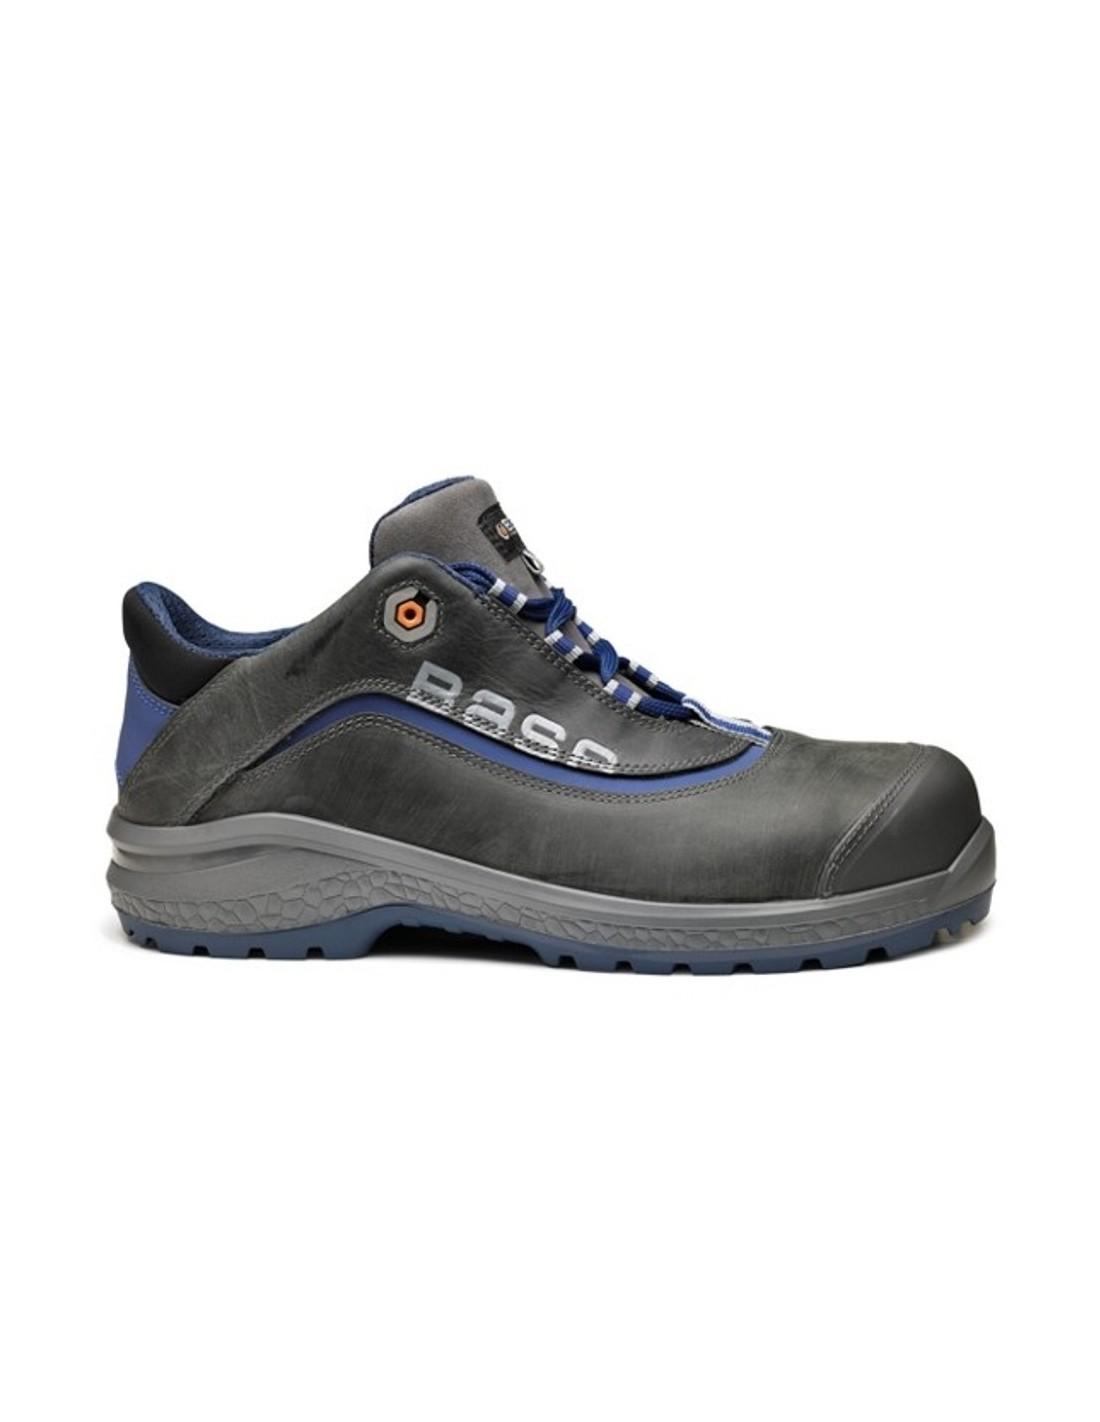 Cofra Click S1 SRC scarpe basse da lavoro antinfortunistica estive traspiranti